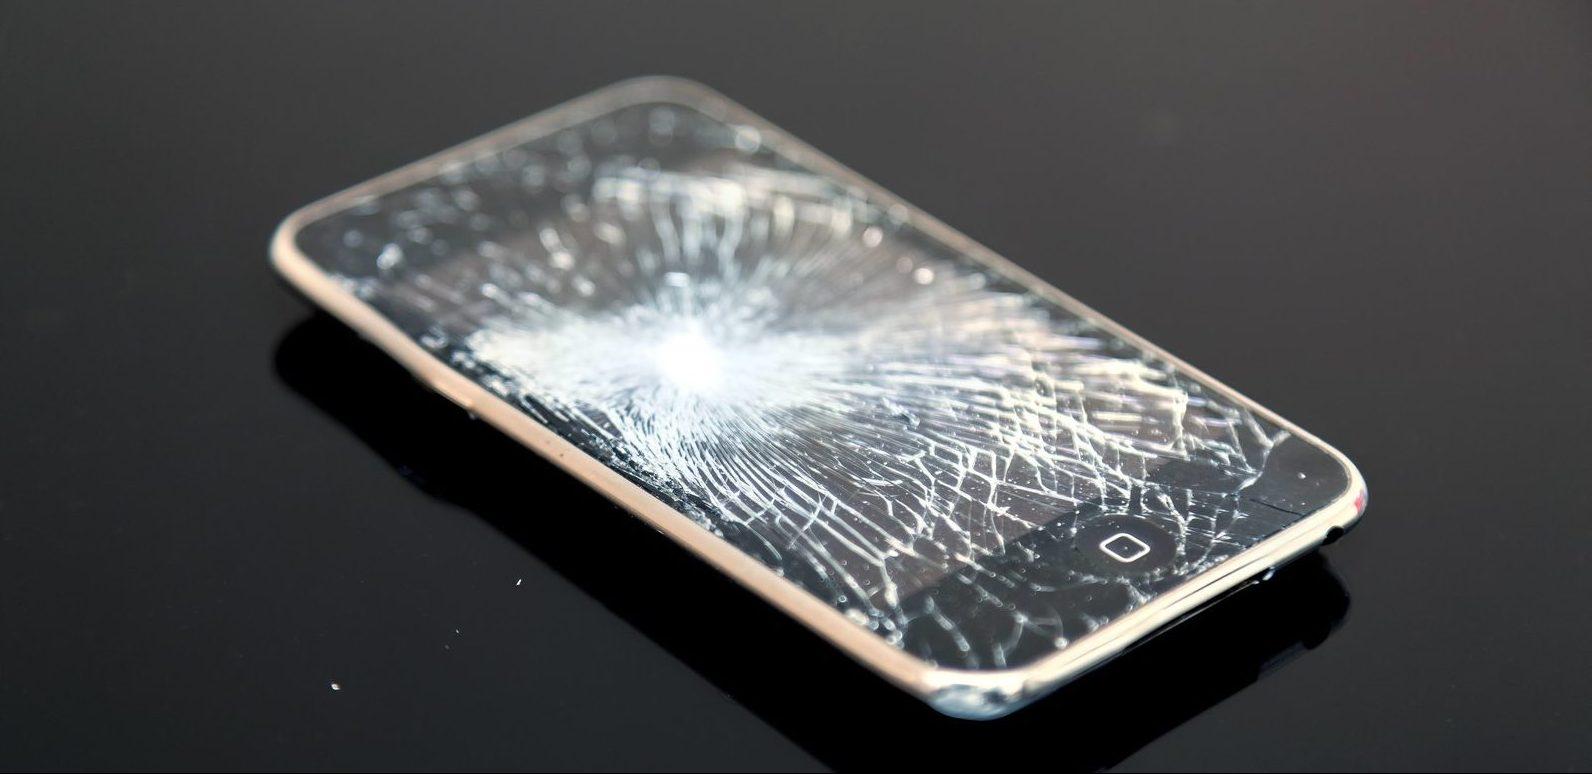 iPhoneのガラス割れ端末を直せるiPhone補償サービス